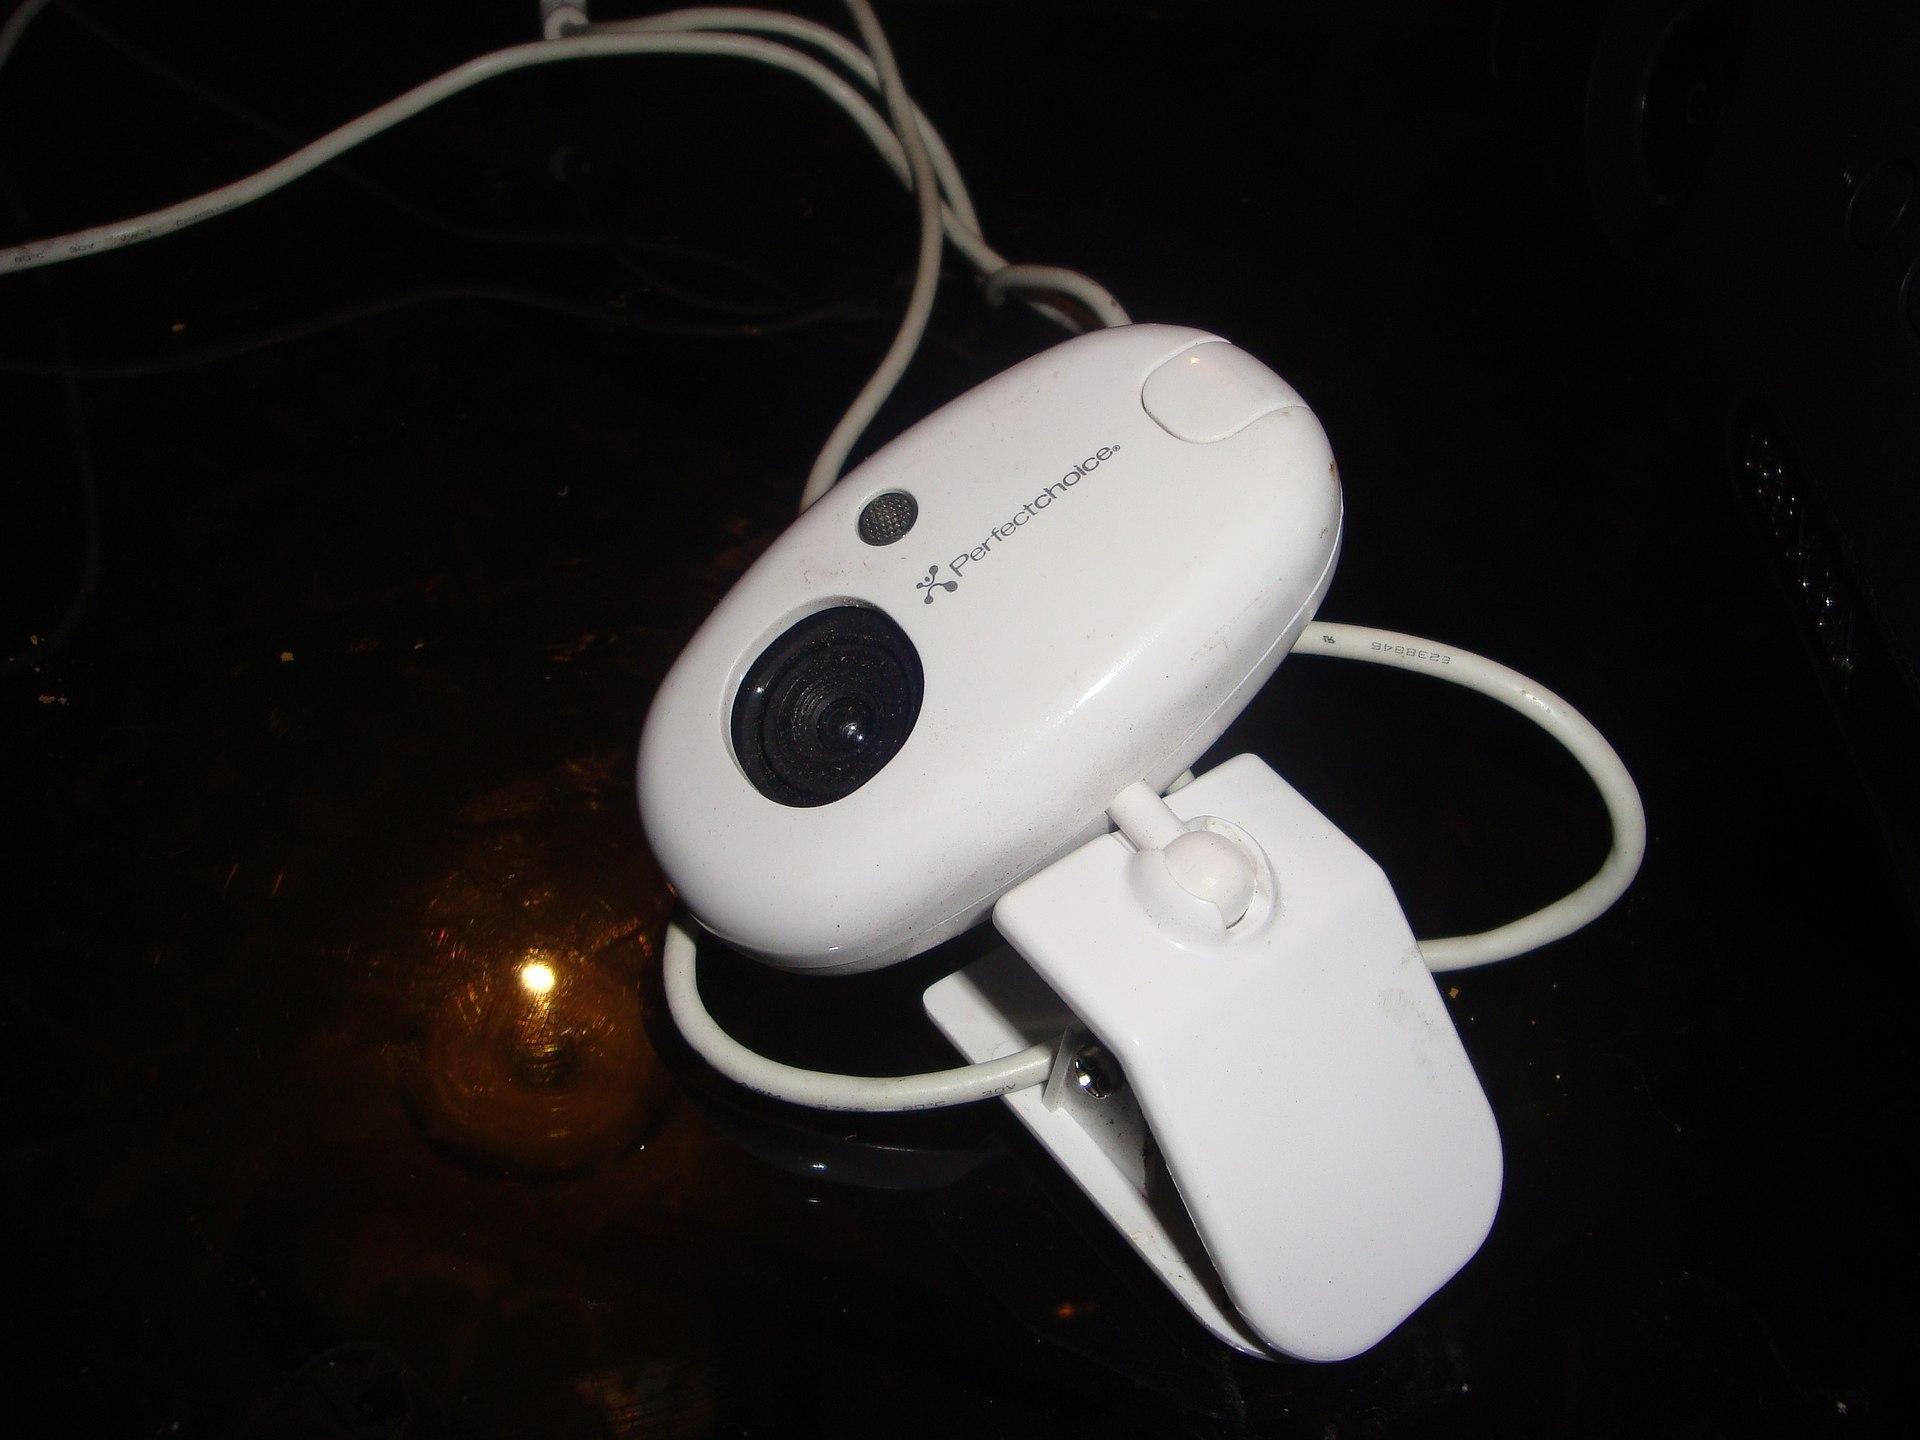 cámara web adulterio pequeño